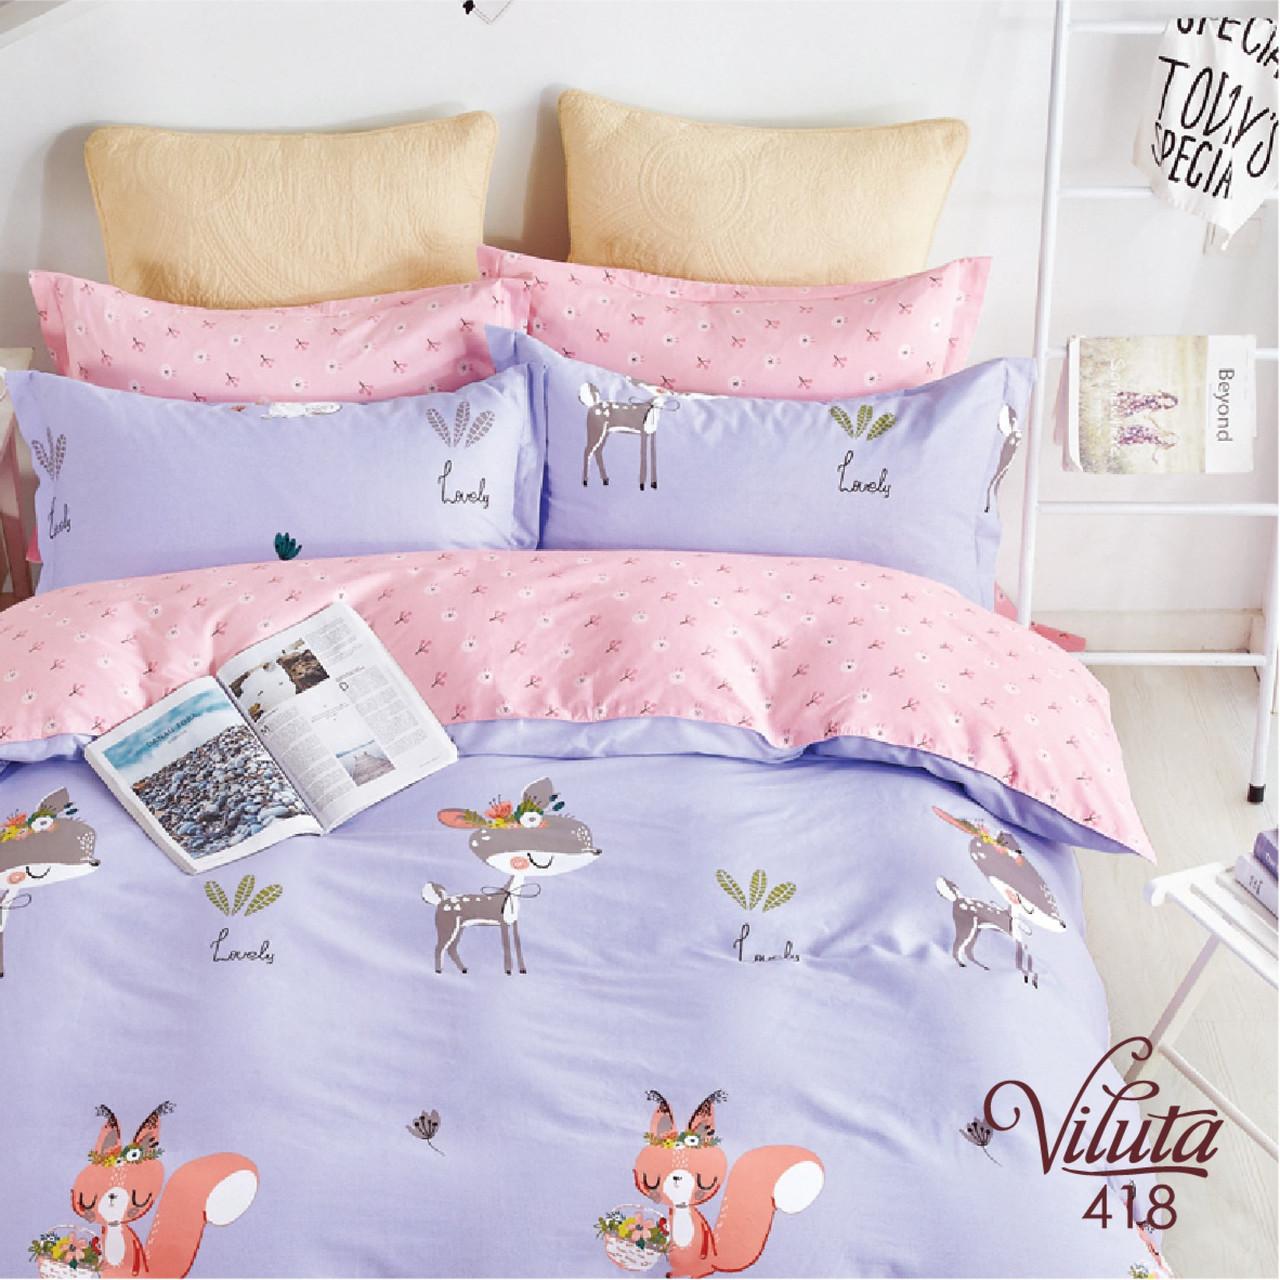 Постільна білизна в дитячу ліжечко Viluta. Сатин 418